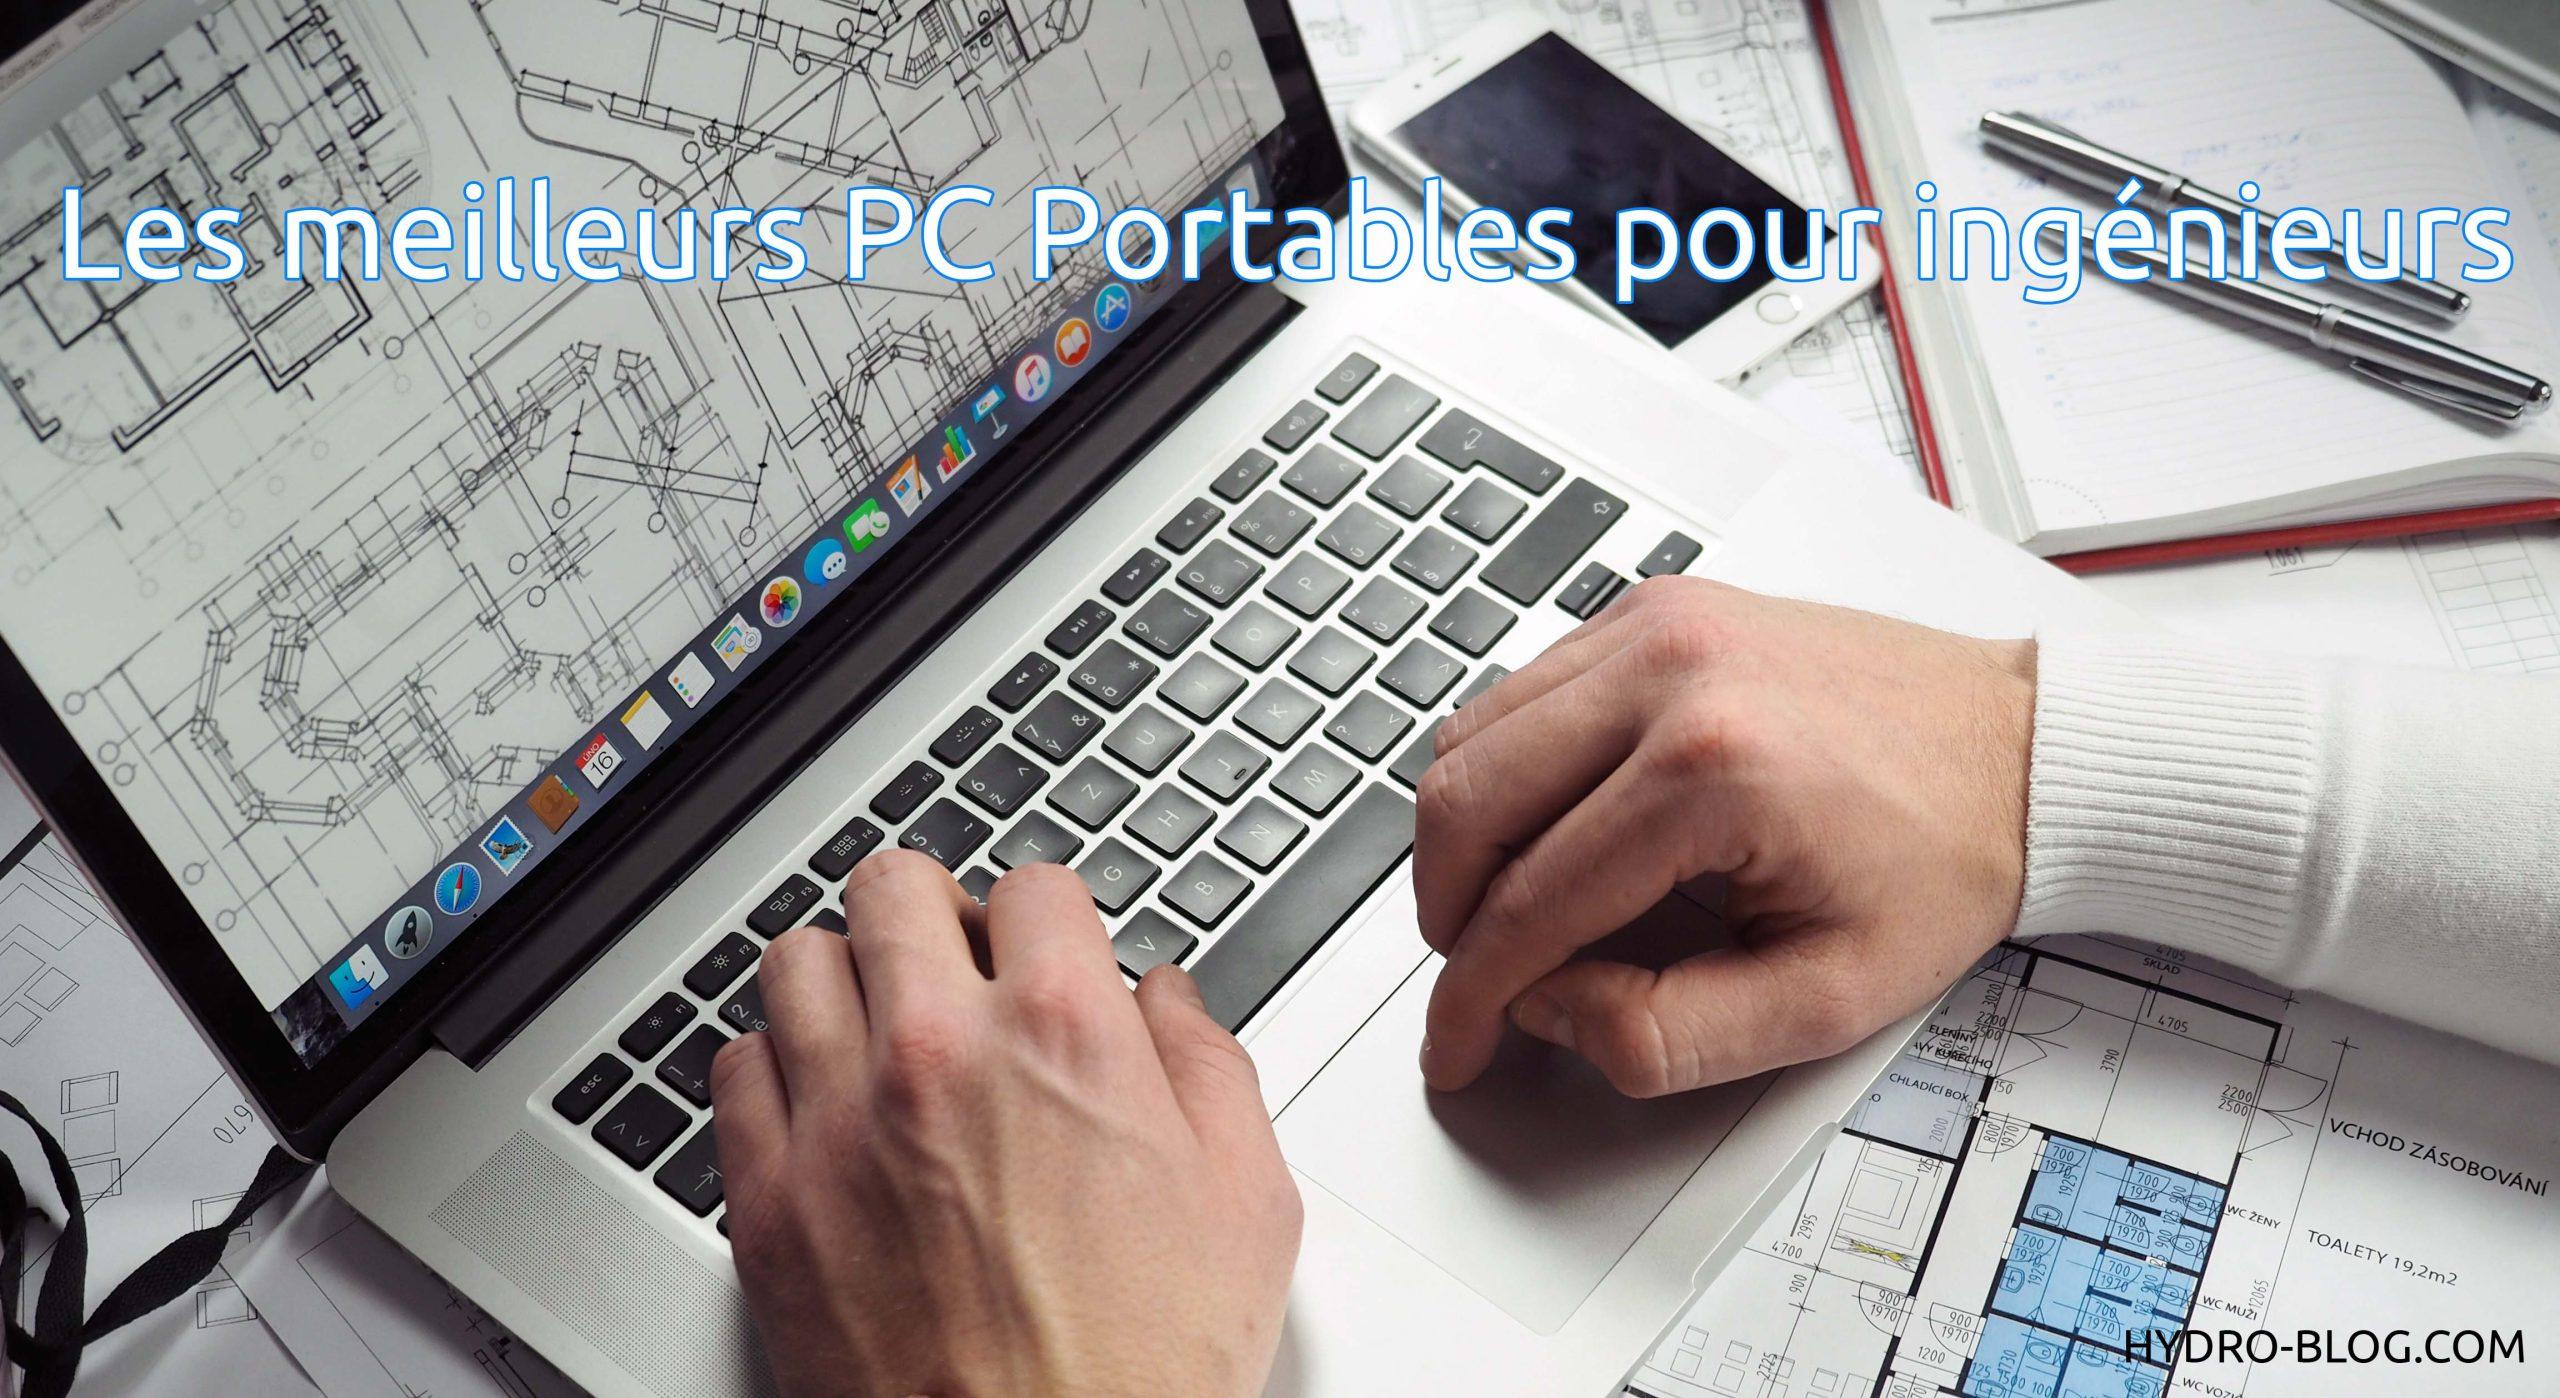 Les 5 meilleurs PC Portables pour ingénieurs (2019)